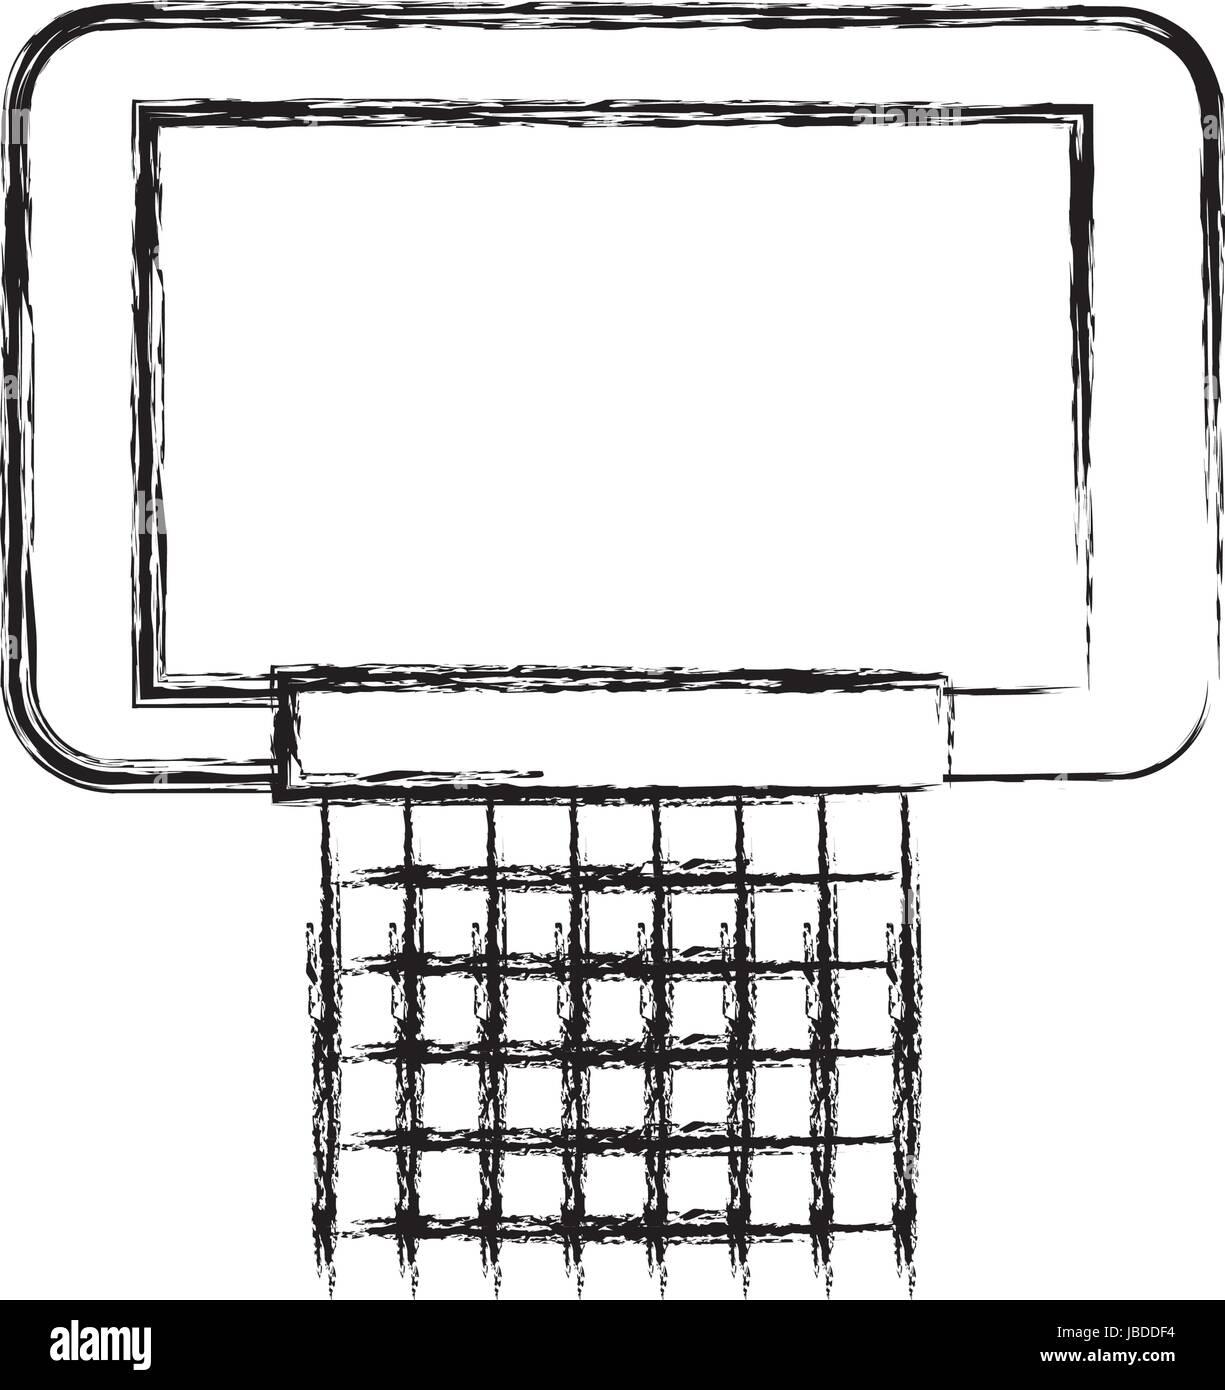 Sketch Draw Basketball Hoop Stock Vector Art Illustration Vector